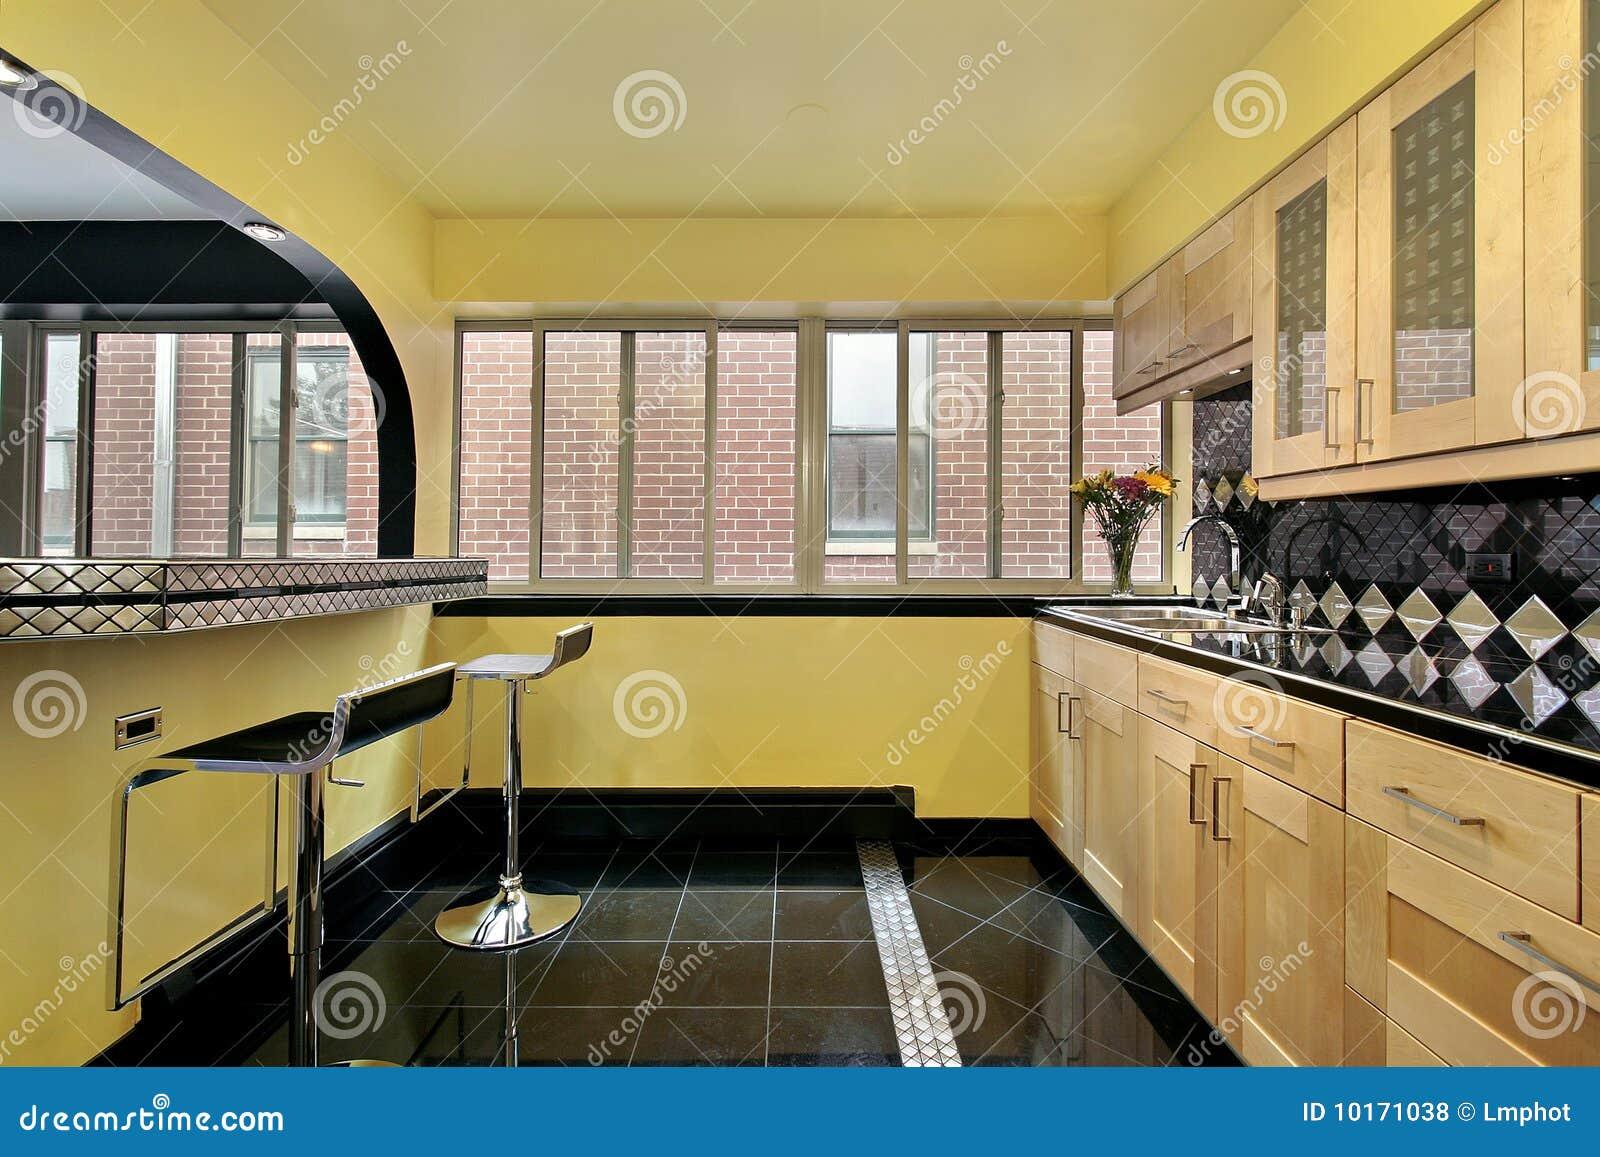 Cucina Con Le Pareti Gialle Fotografia Stock - Immagine di dimora ...